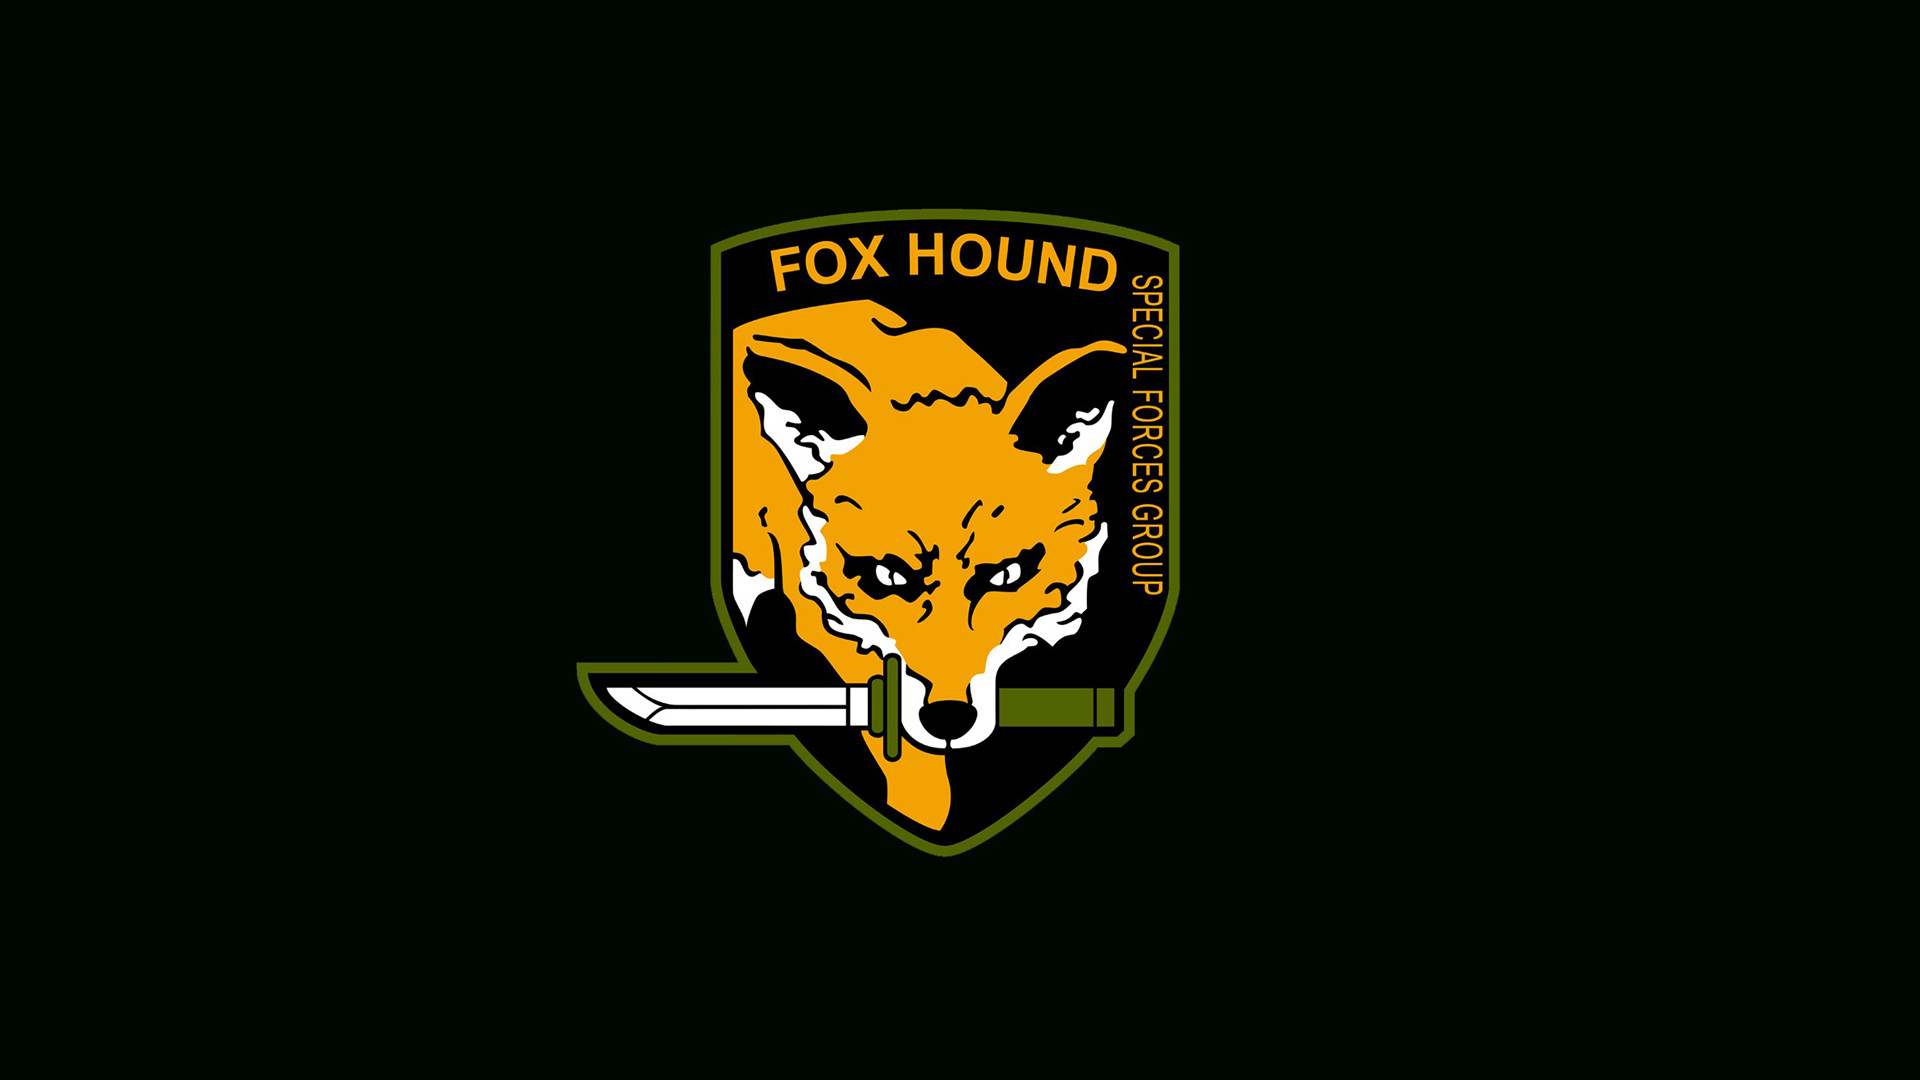 Fox hound wallpaper wallpapertag - Foxhound metal gear wallpaper ...